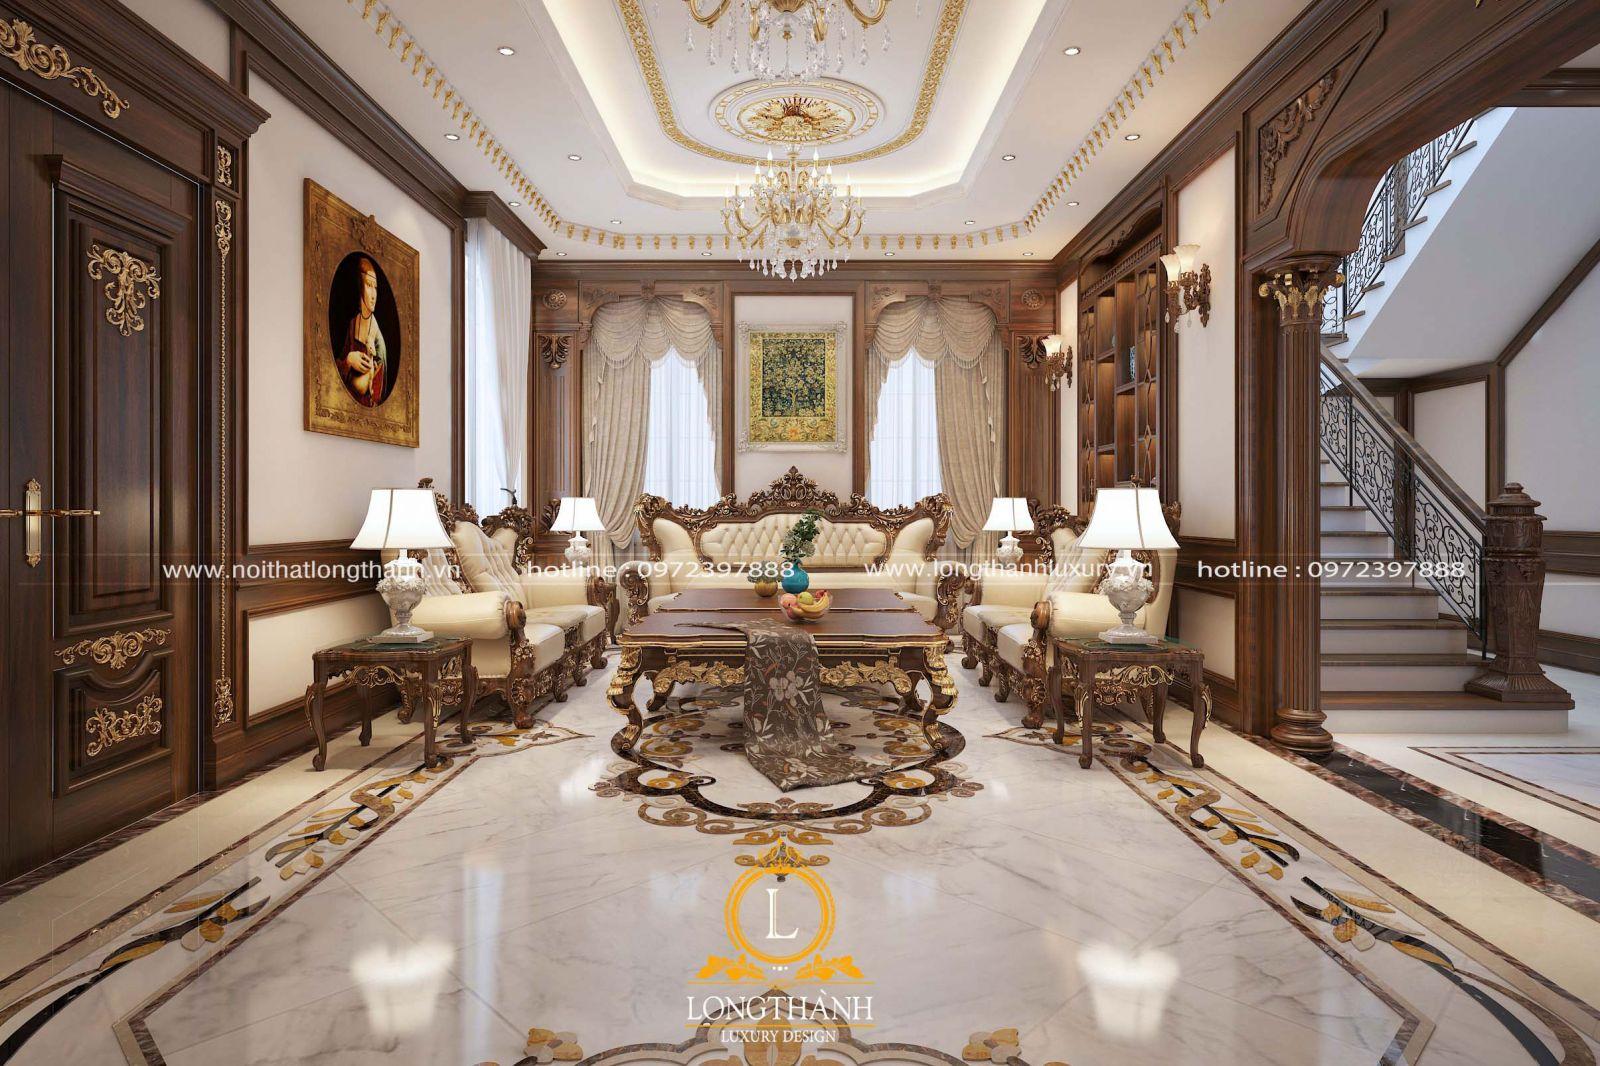 Phòng khách được bố trí bộ sofa cân đối và phù hợp với diện tích kiến trúc thực tế